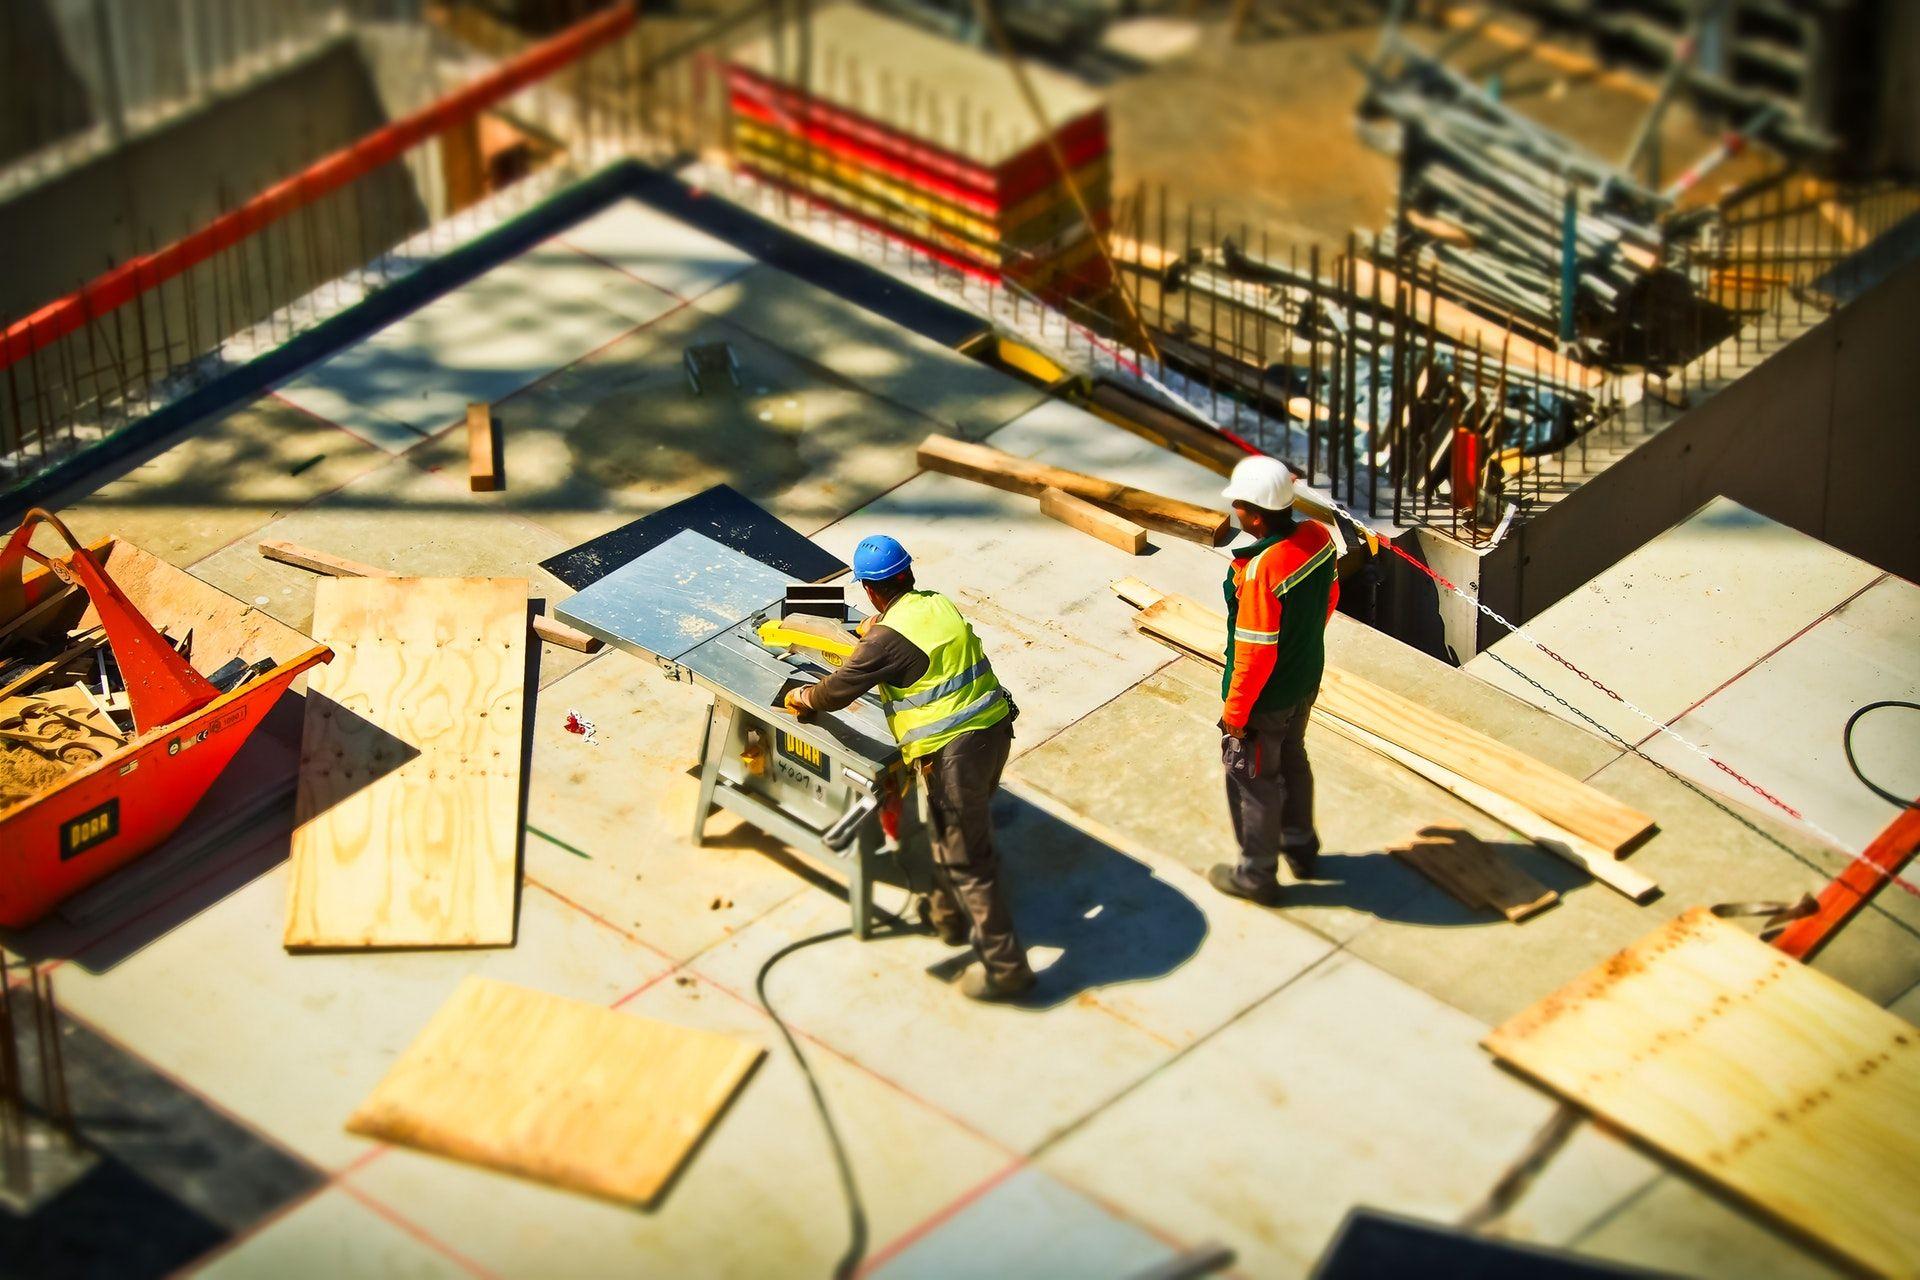 Construction sites can be dangerous.